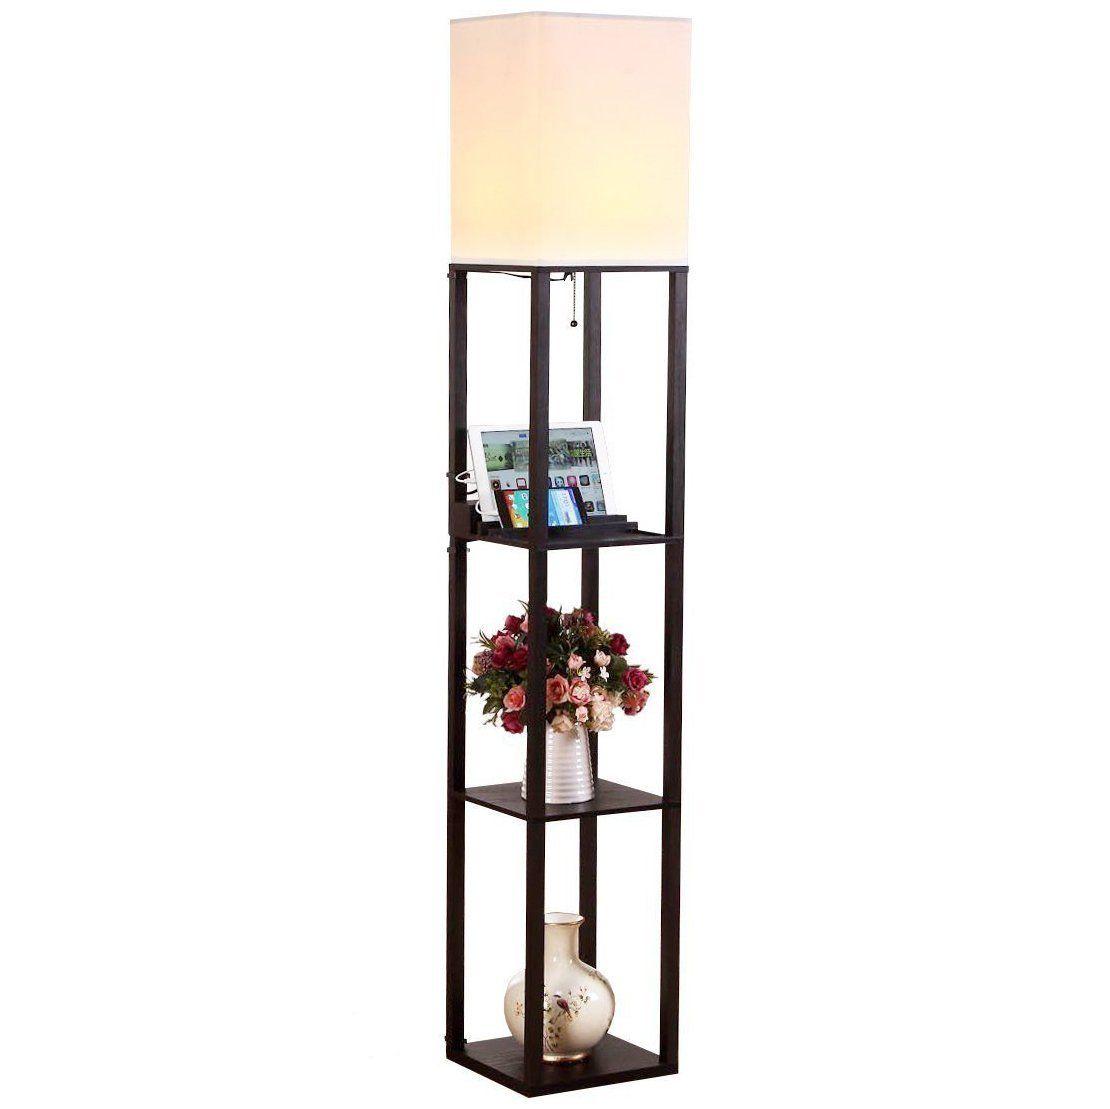 Led Shelf Floor Lamp Modern Modern Floor Lamps Wooden Floor Lamps Floor Lamp